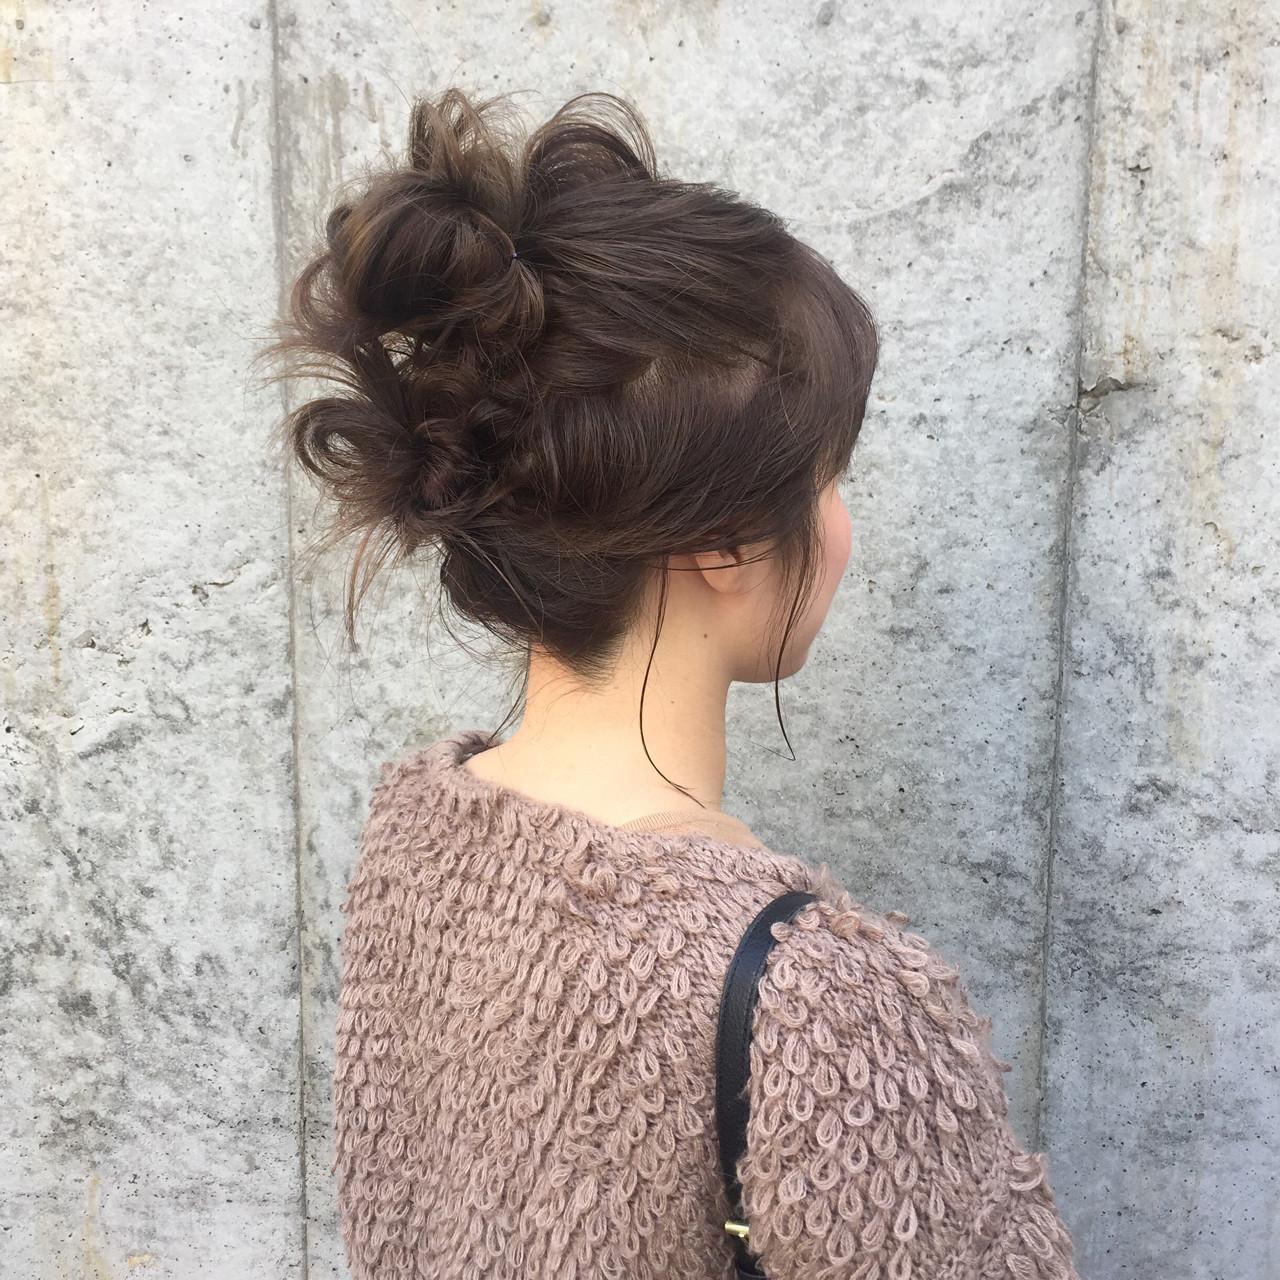 ヘアアレンジ お団子 セミロング ヘアスタイルや髪型の写真・画像